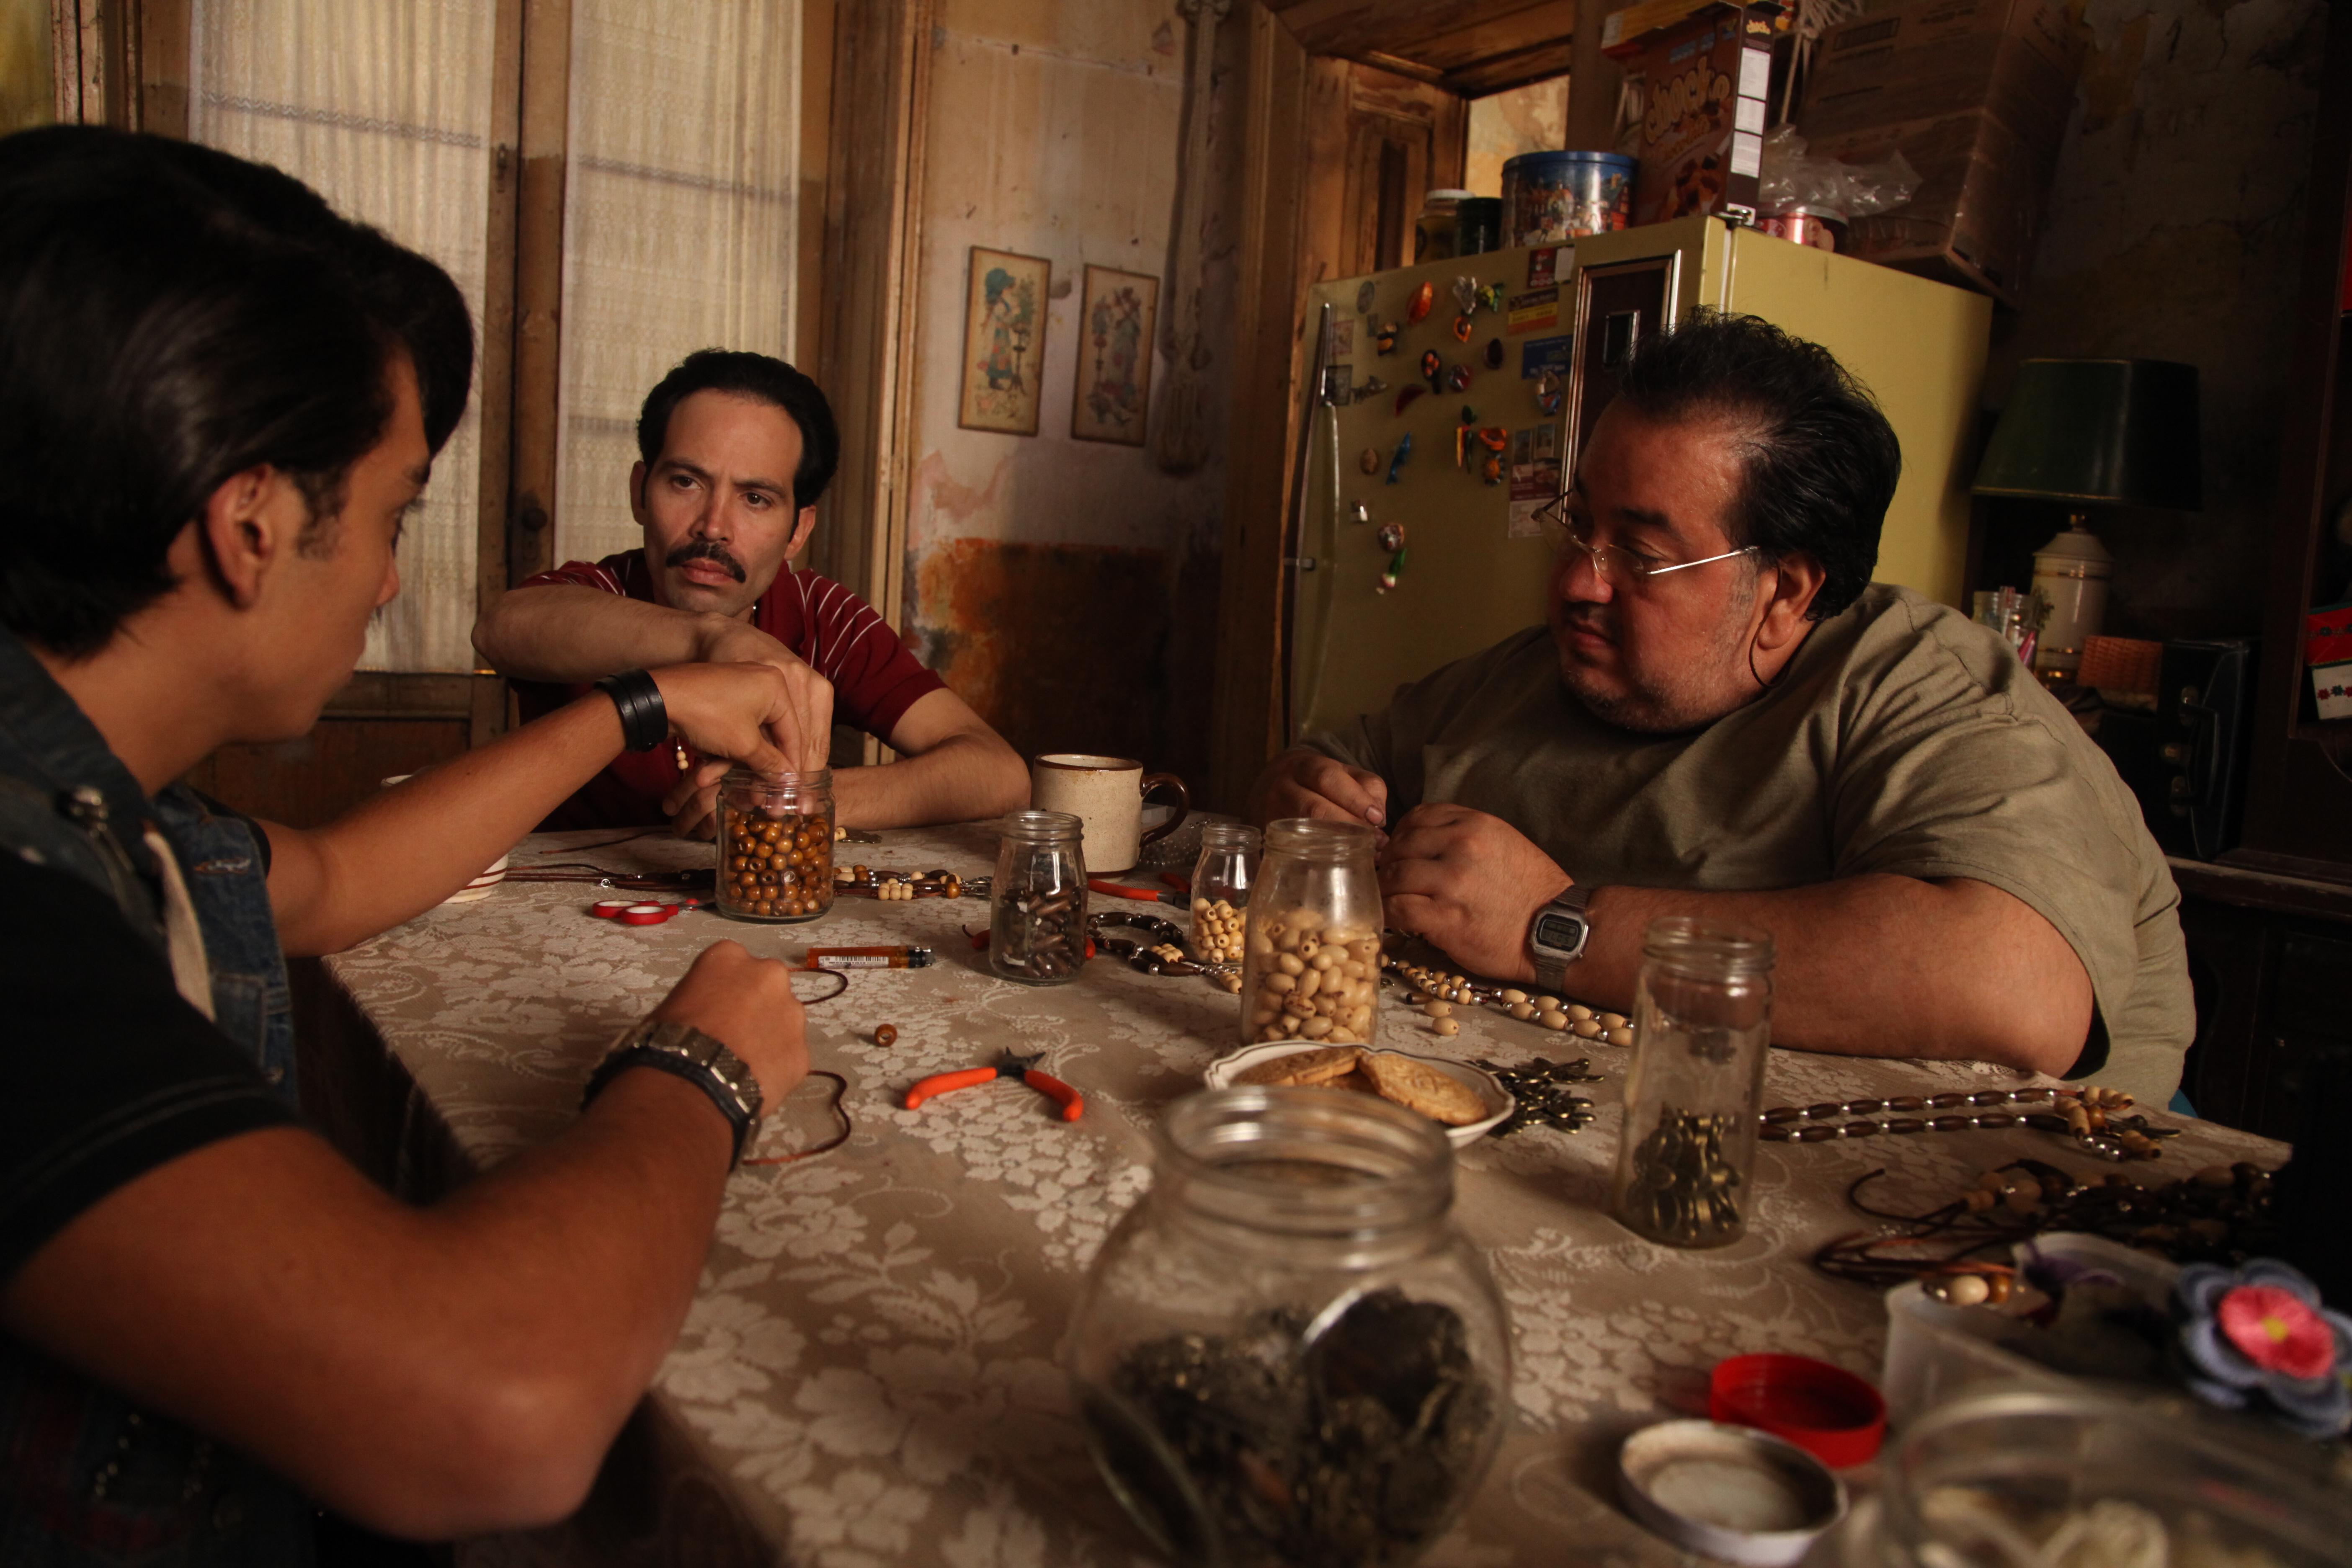 El baterista de San Pascualito Rey protagoniza película